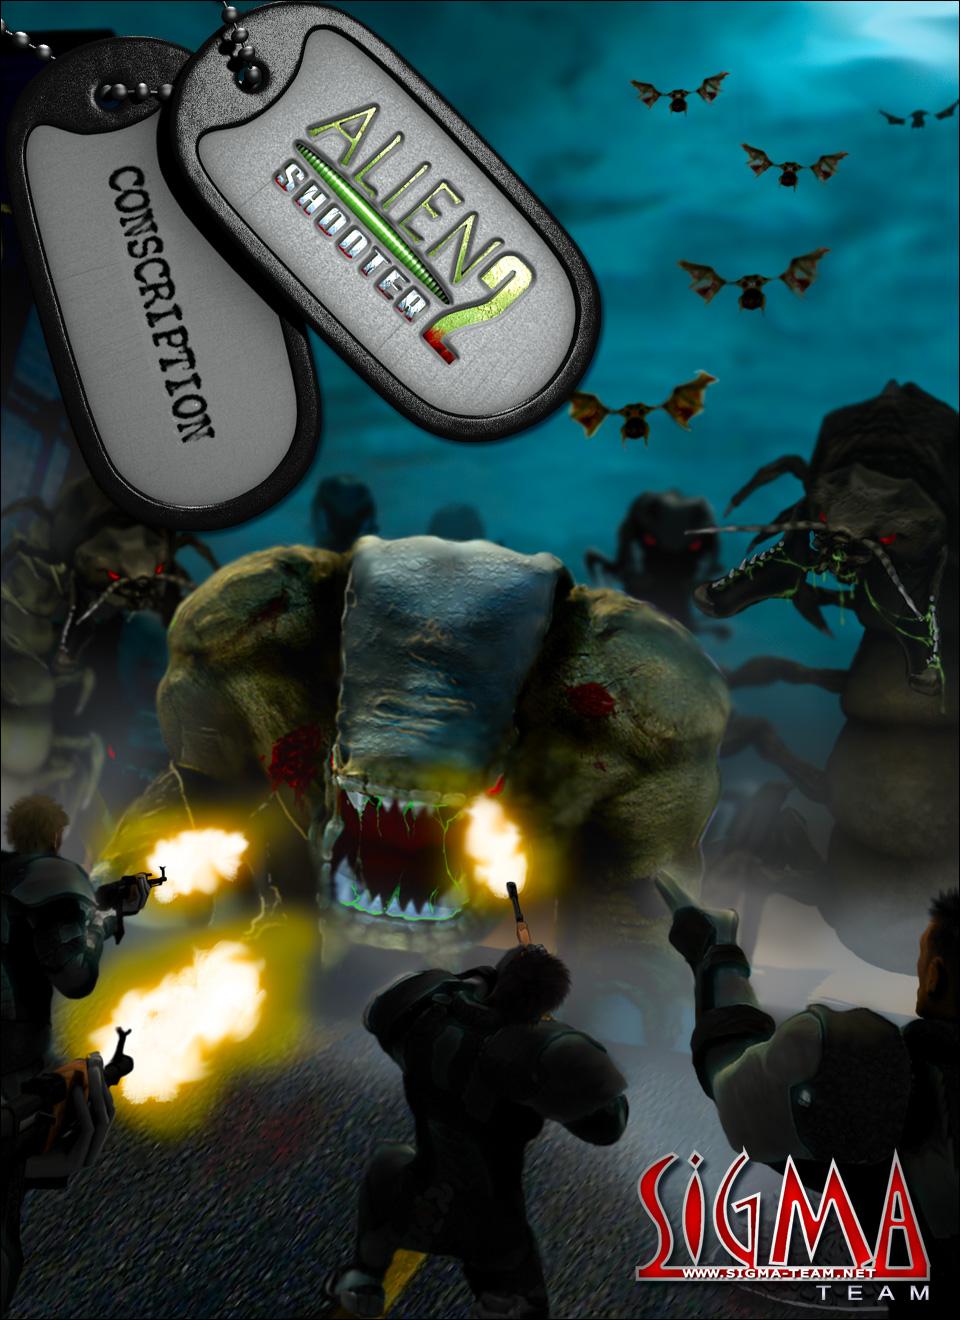 box2 - Alien Shooter 2: Conscription PC Full Español Mega - Juegos [Descarga]